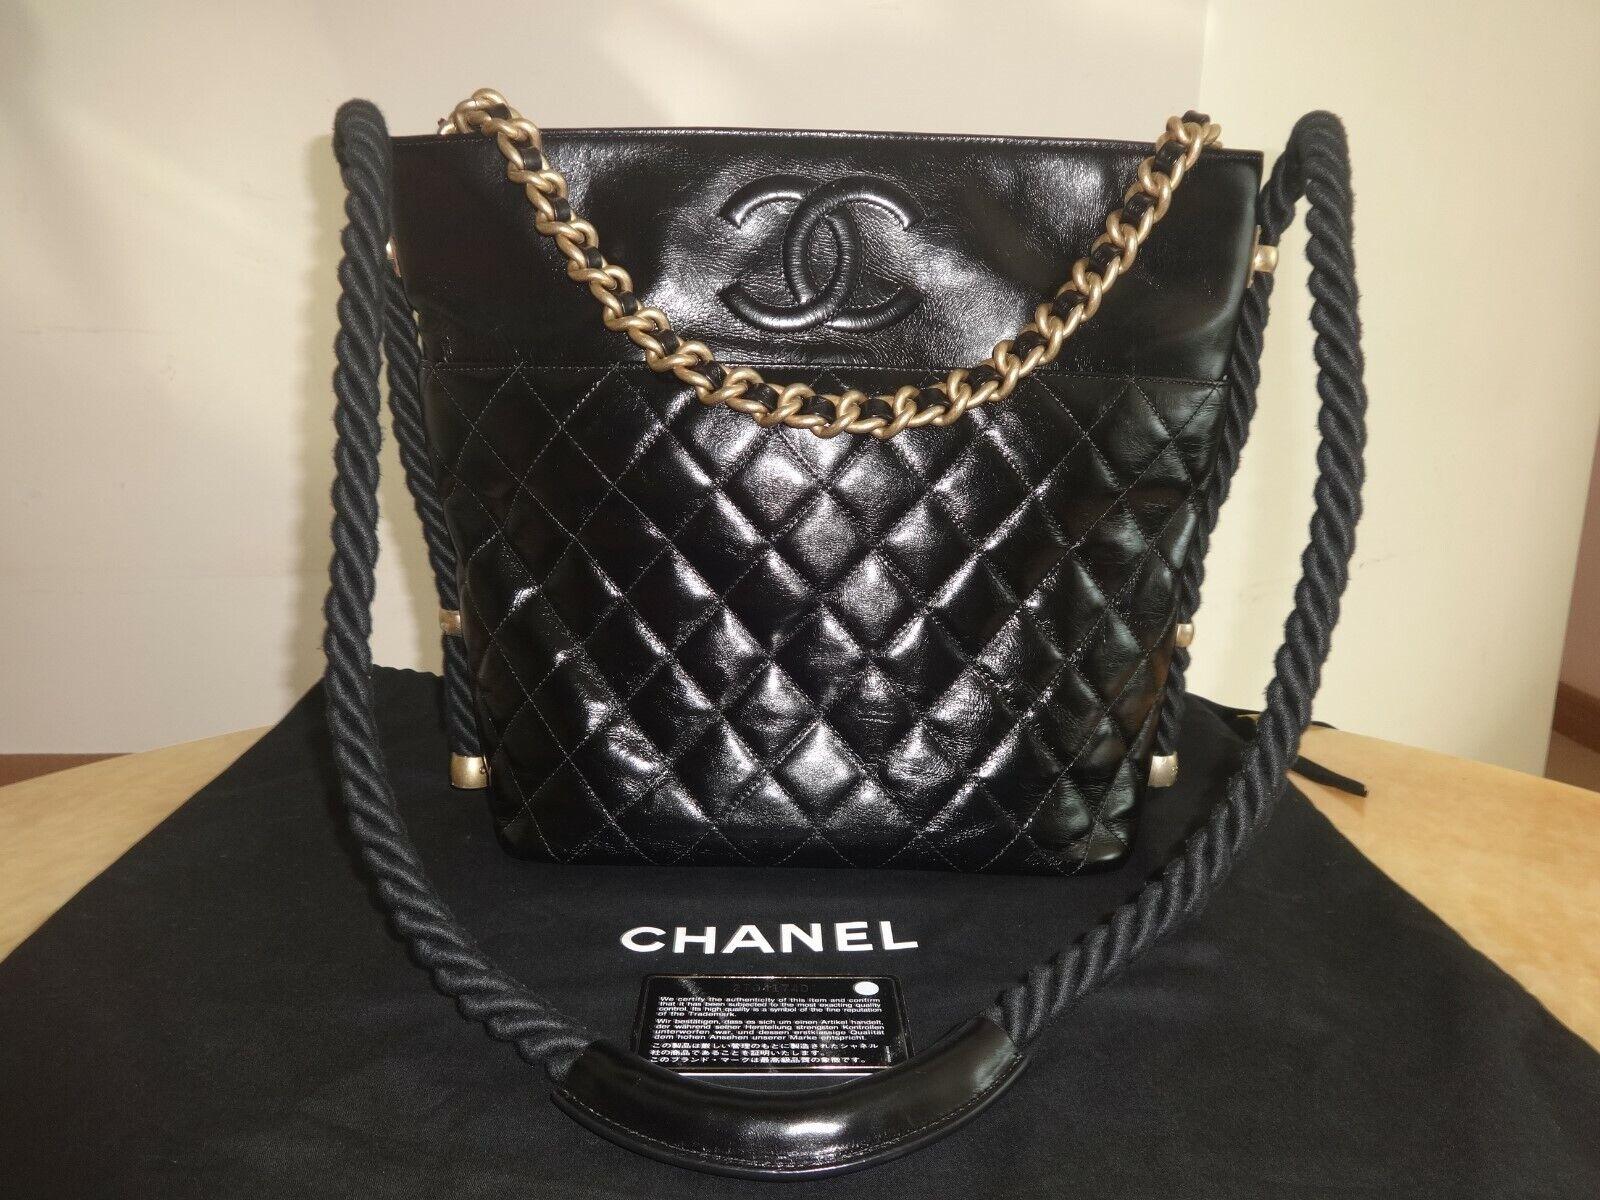 Chanel 2019 En Vogue Bag Cruise Black Leather Mint Condition 5300